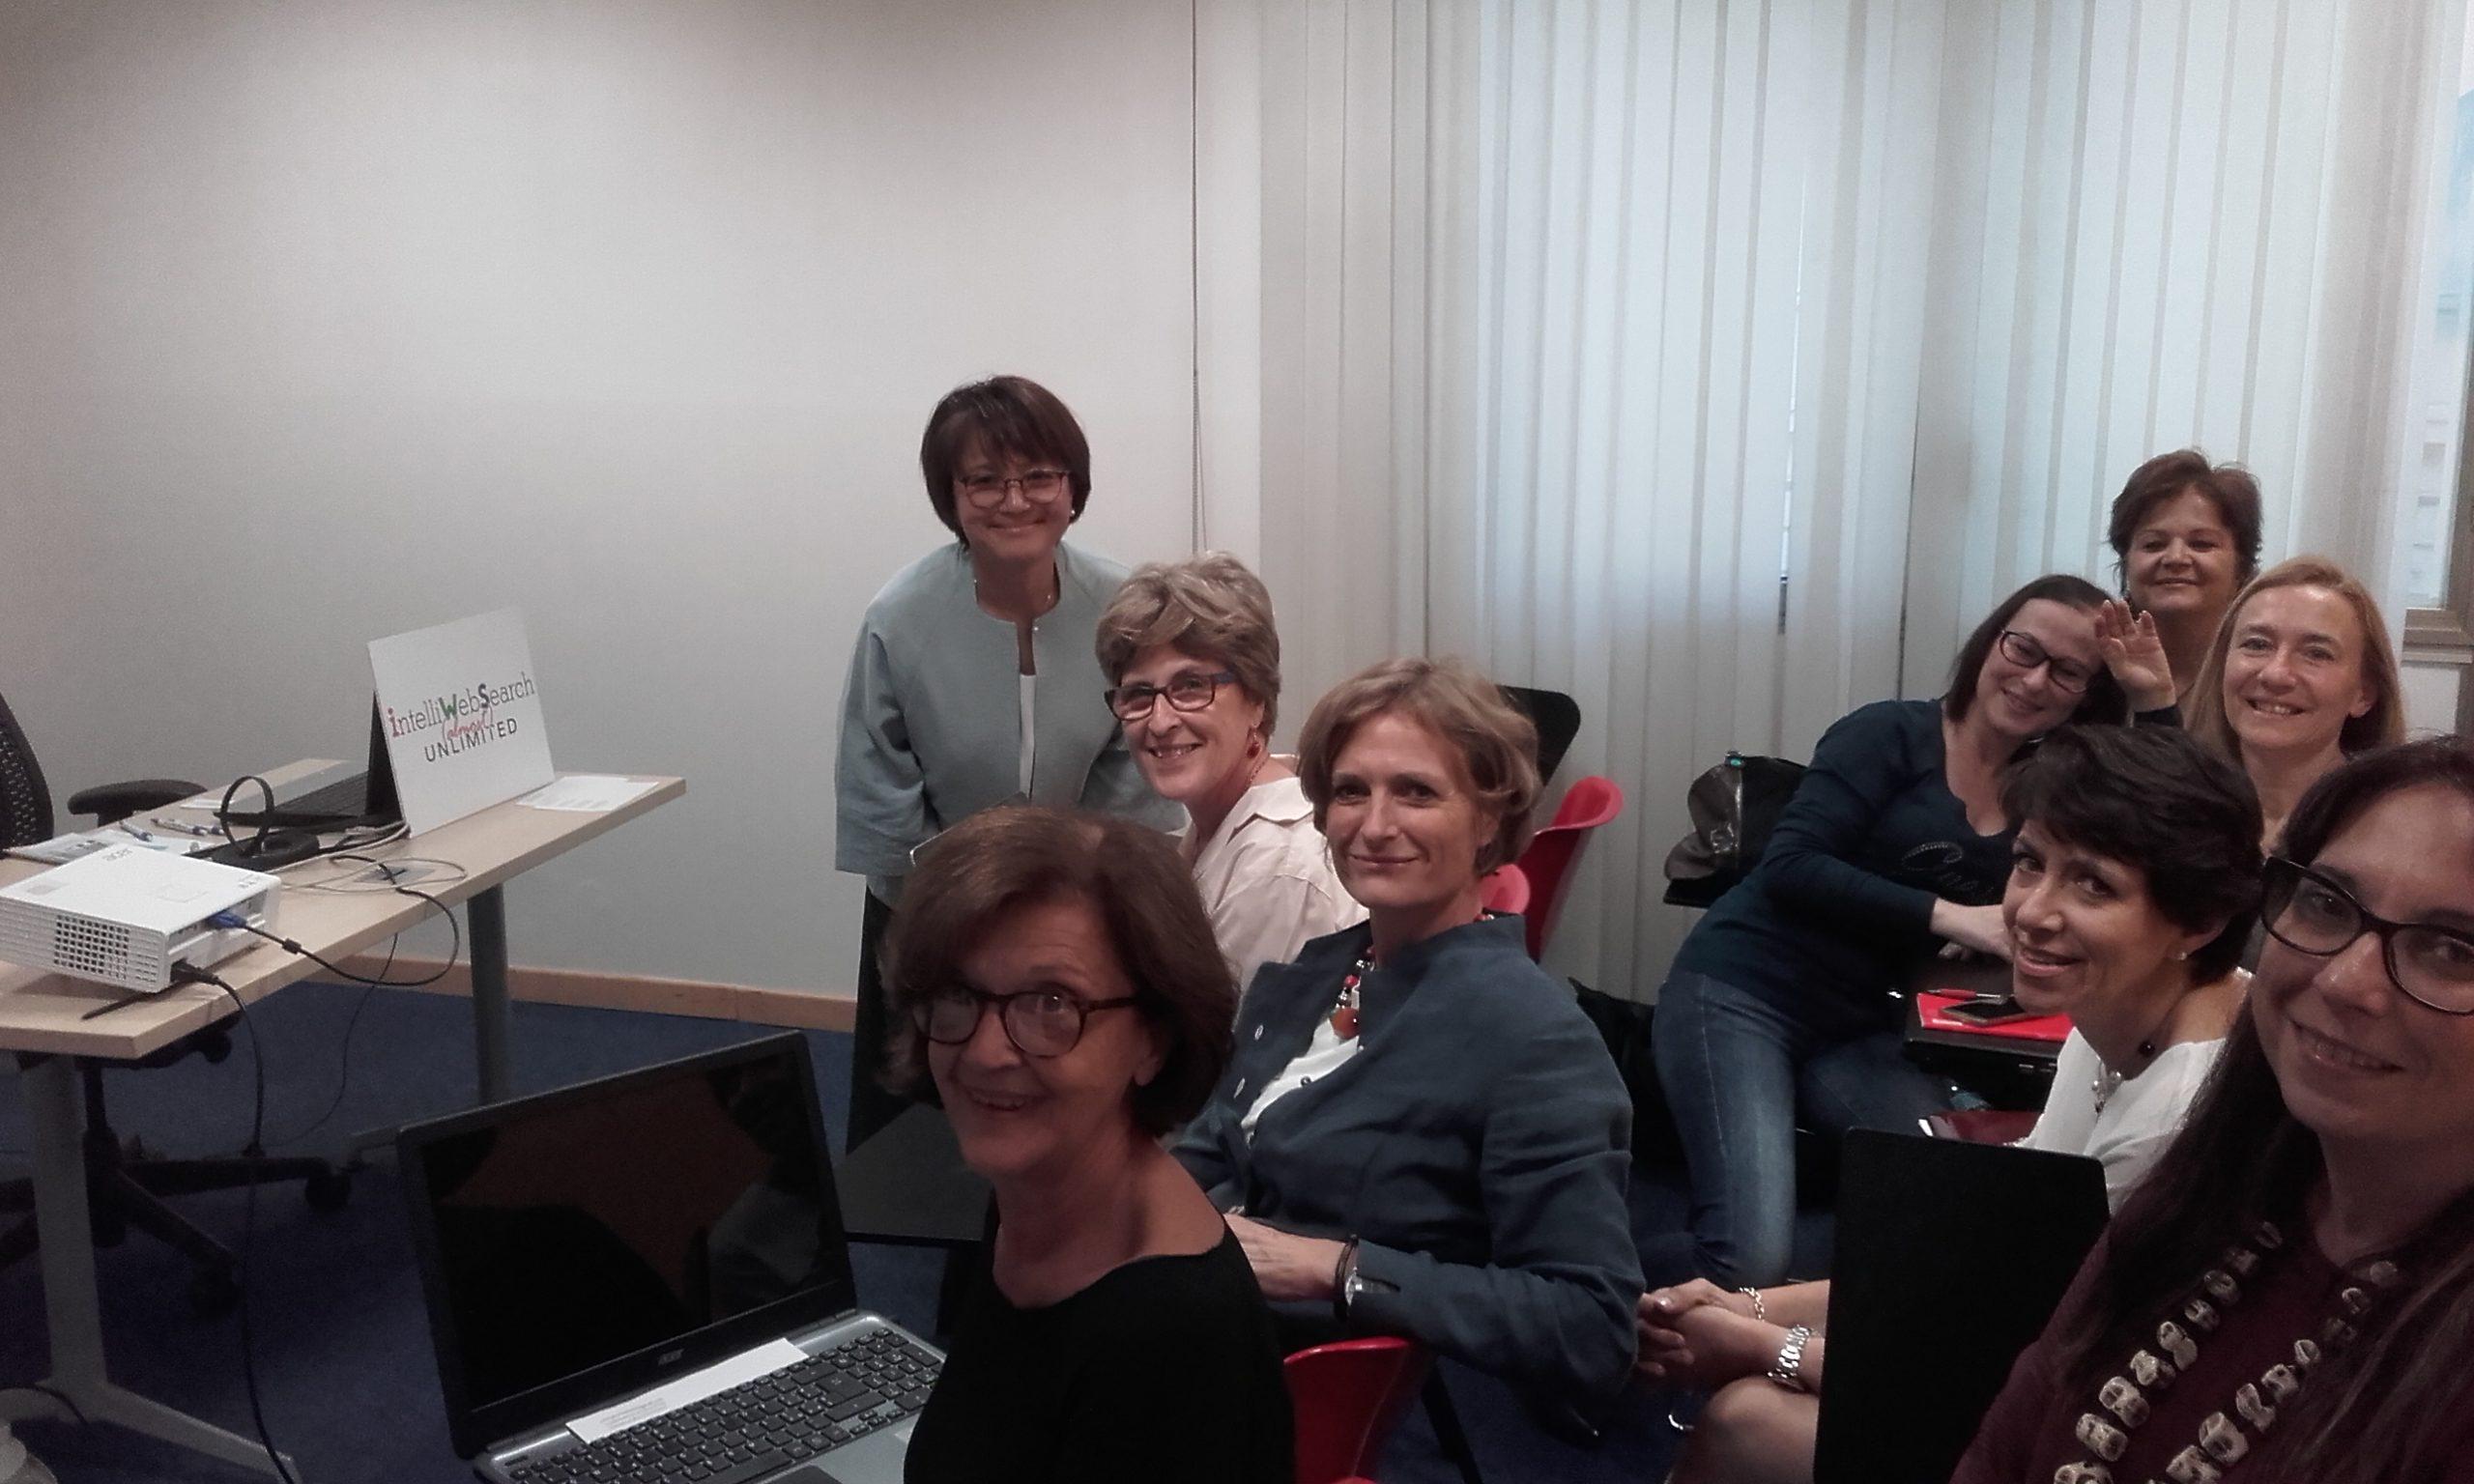 Associazione Italiana Traduttori e Interpreti, Lazio, Rome, Italy